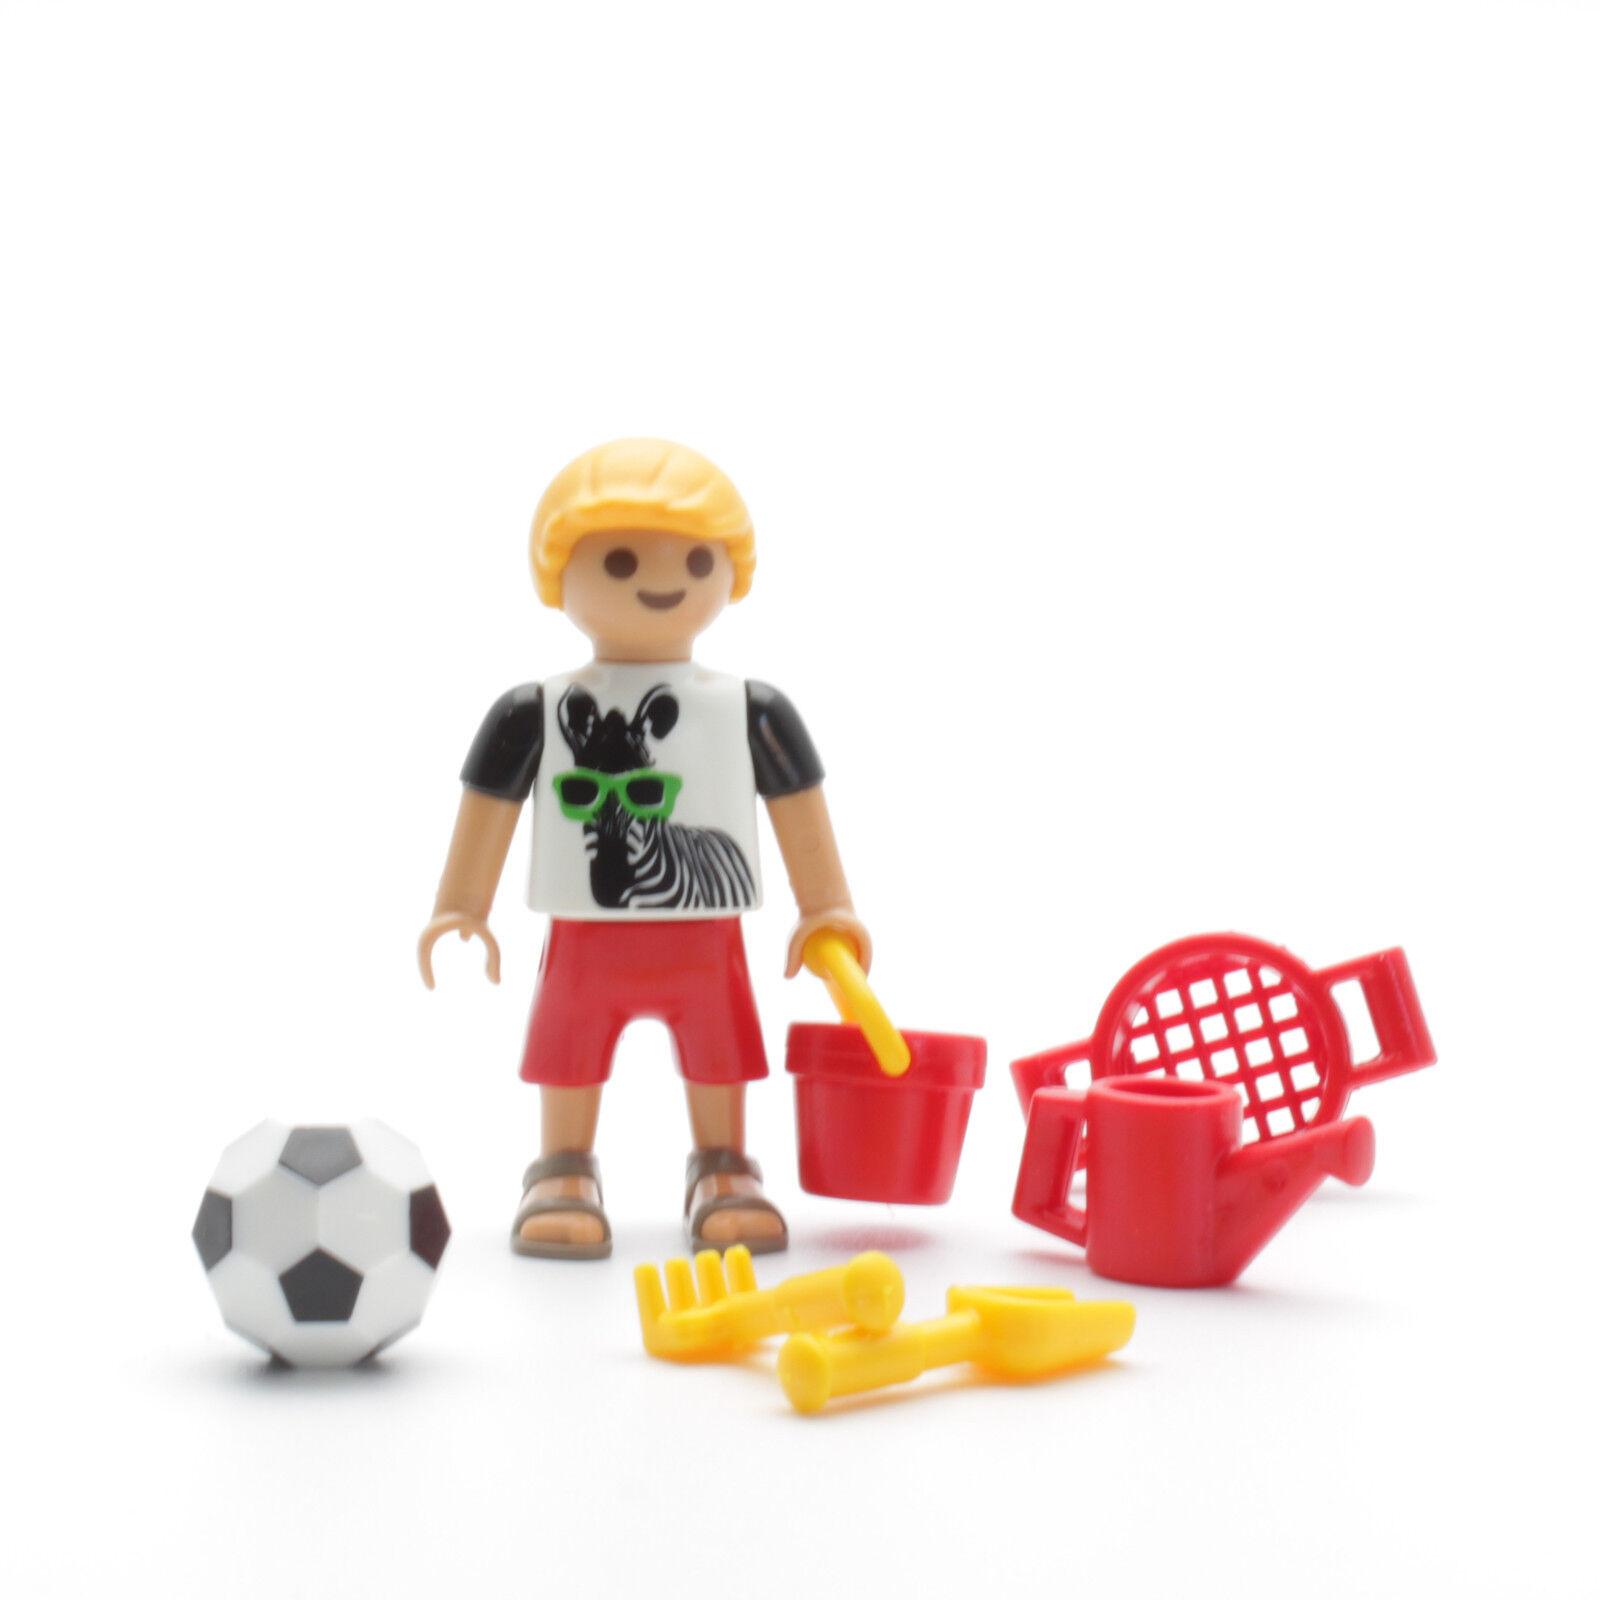 Playmobil 9272 Junge mit Spielsachen Spielplatz Kindergarten Schule Garten Ball